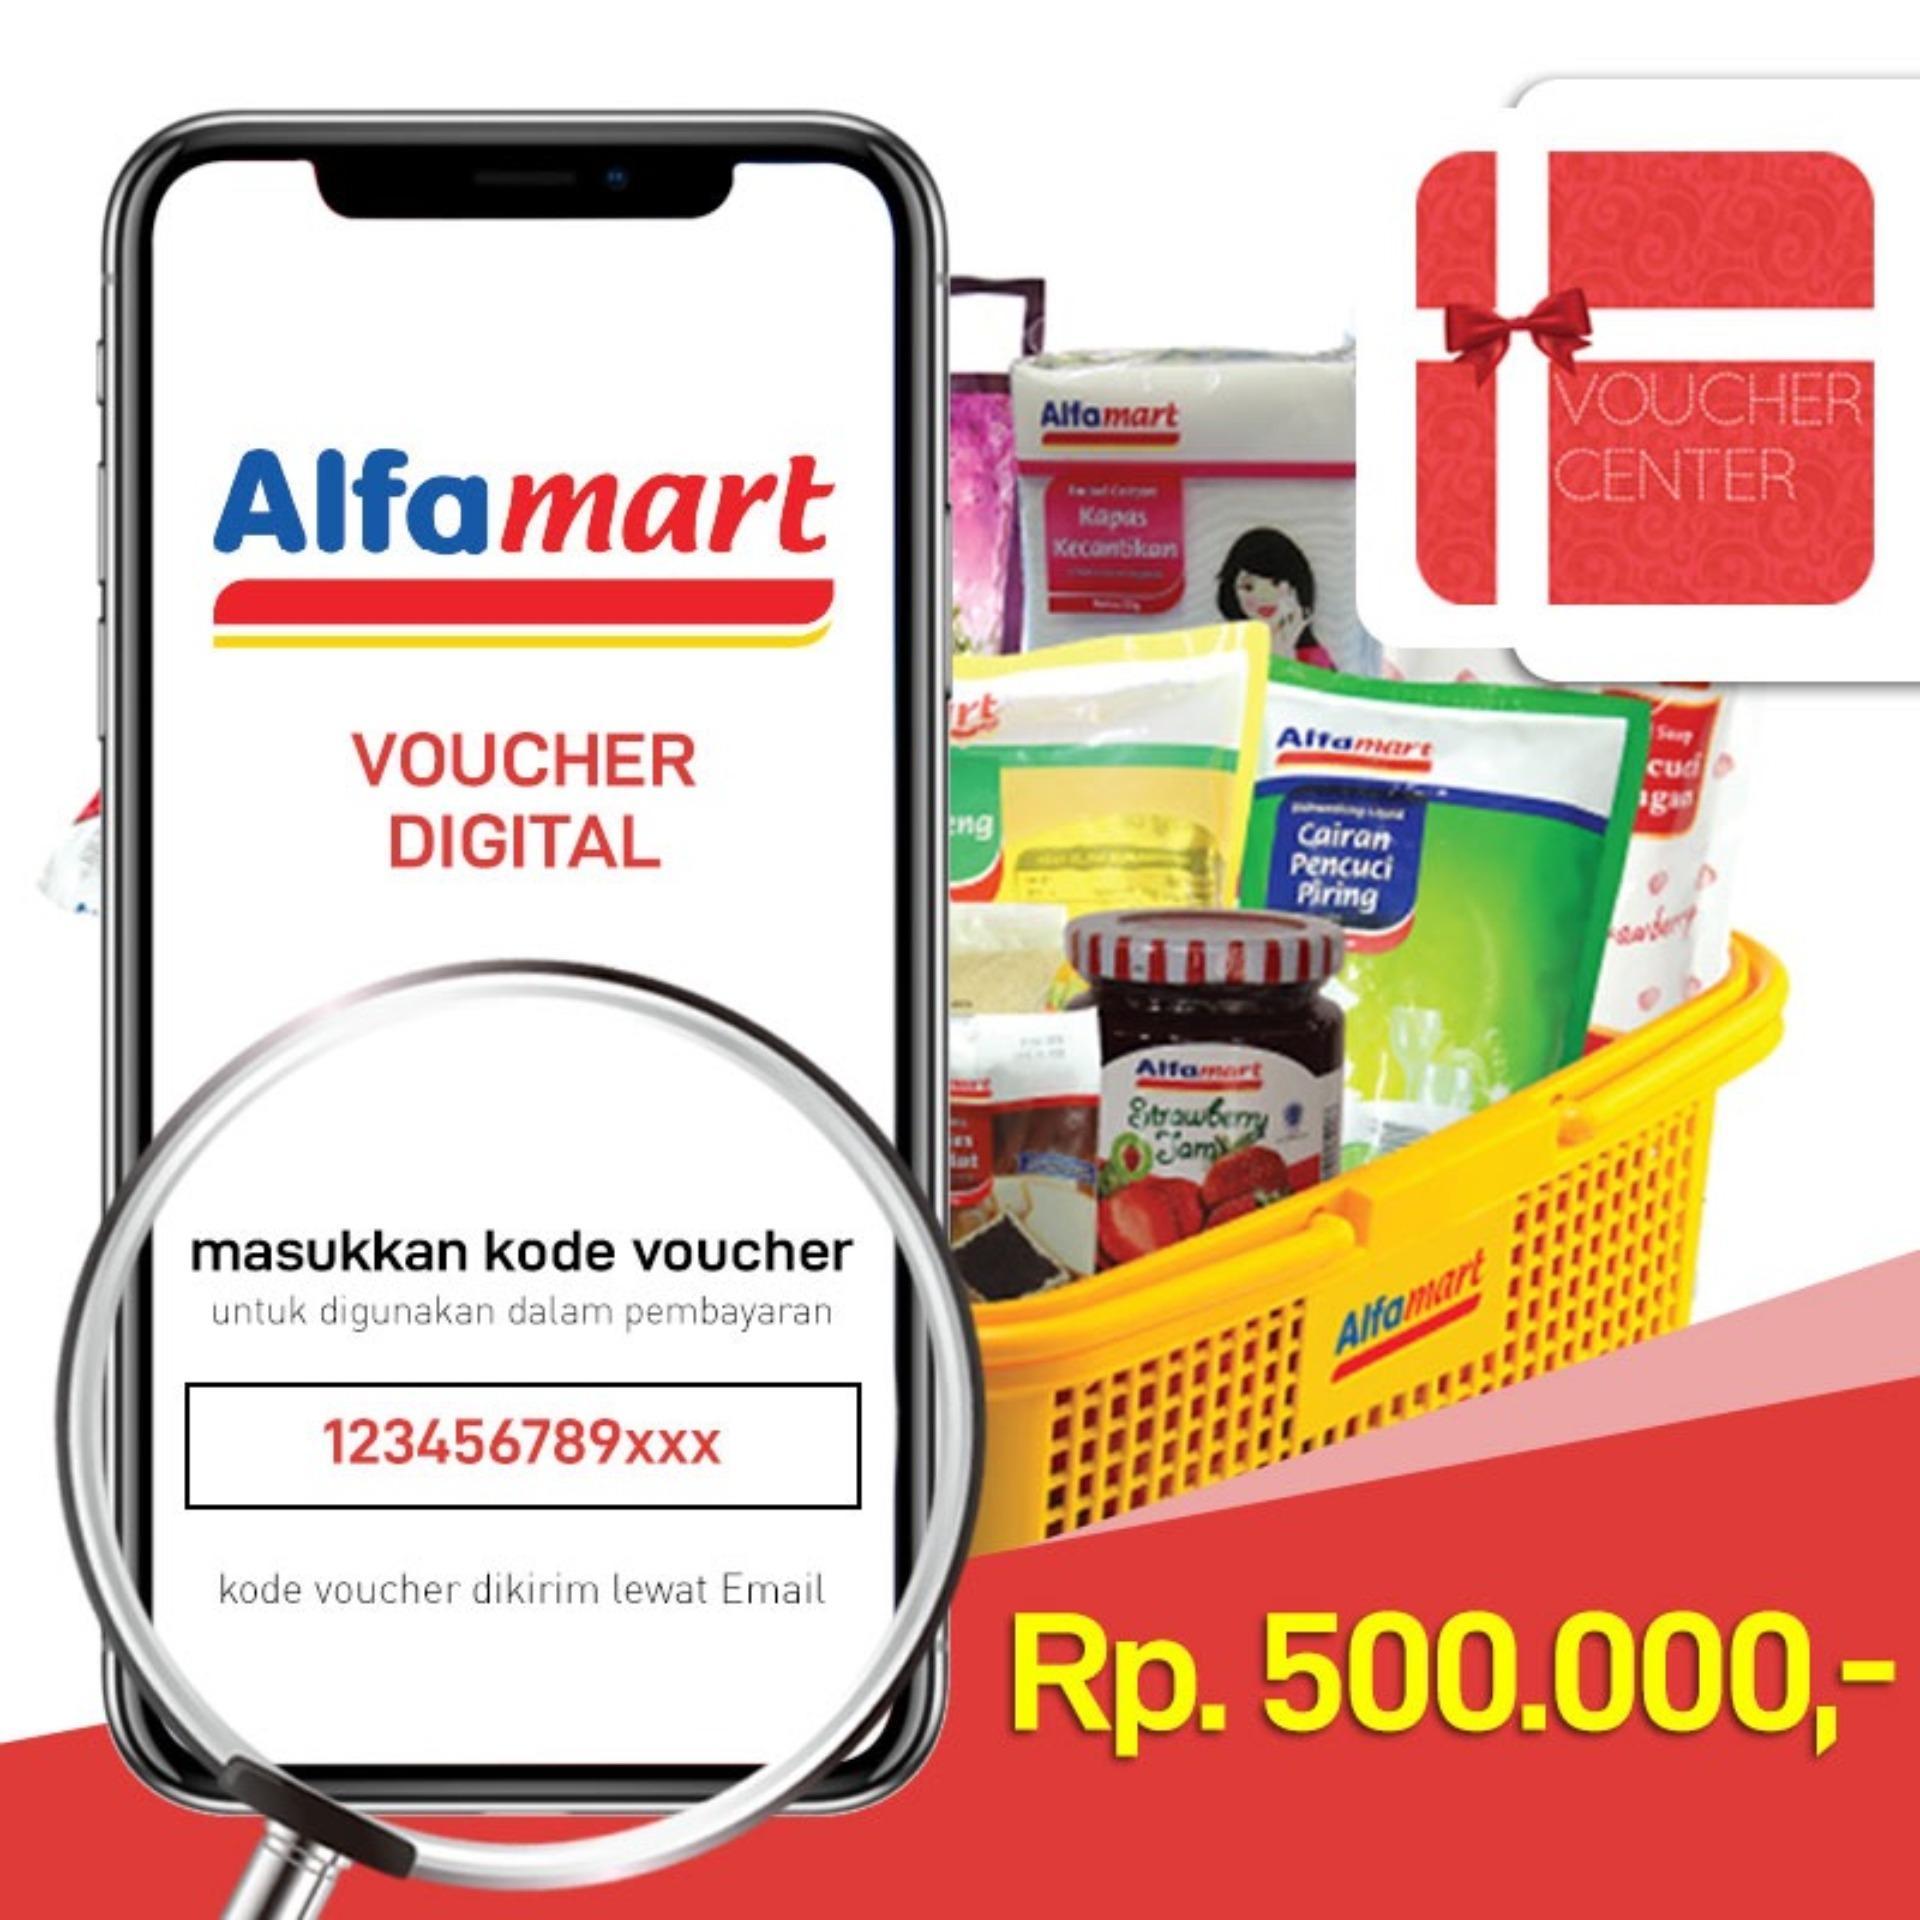 Voucher Alfamart Rp 500.000 - Digital Code